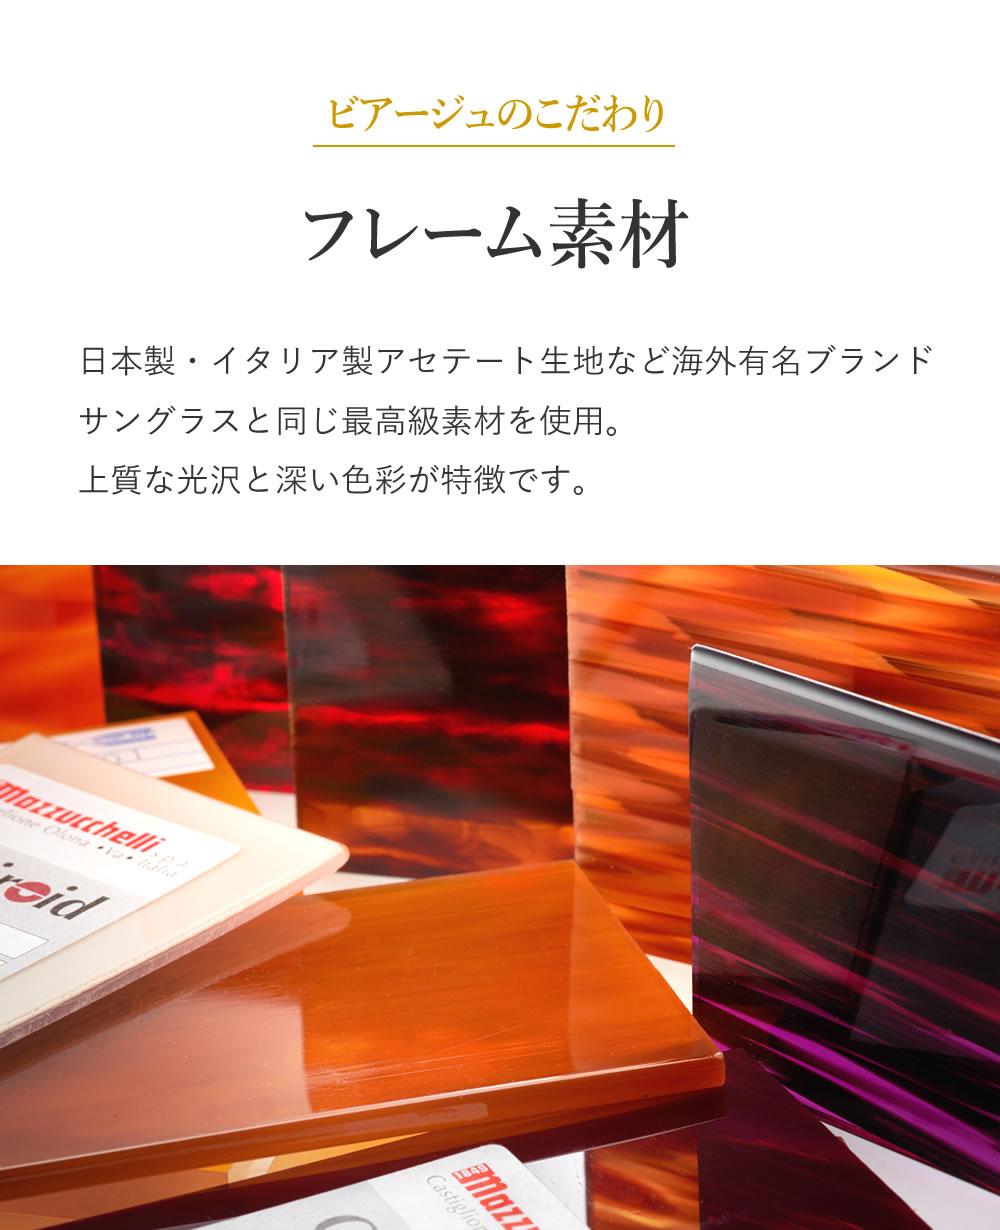 ビアージュのこだわり フレーム素材 日本製・イタリア製アセテート生地など海外有名ブランドサングラスと同じ最高級素材を使用。上質な光沢と深い色彩が特徴です。